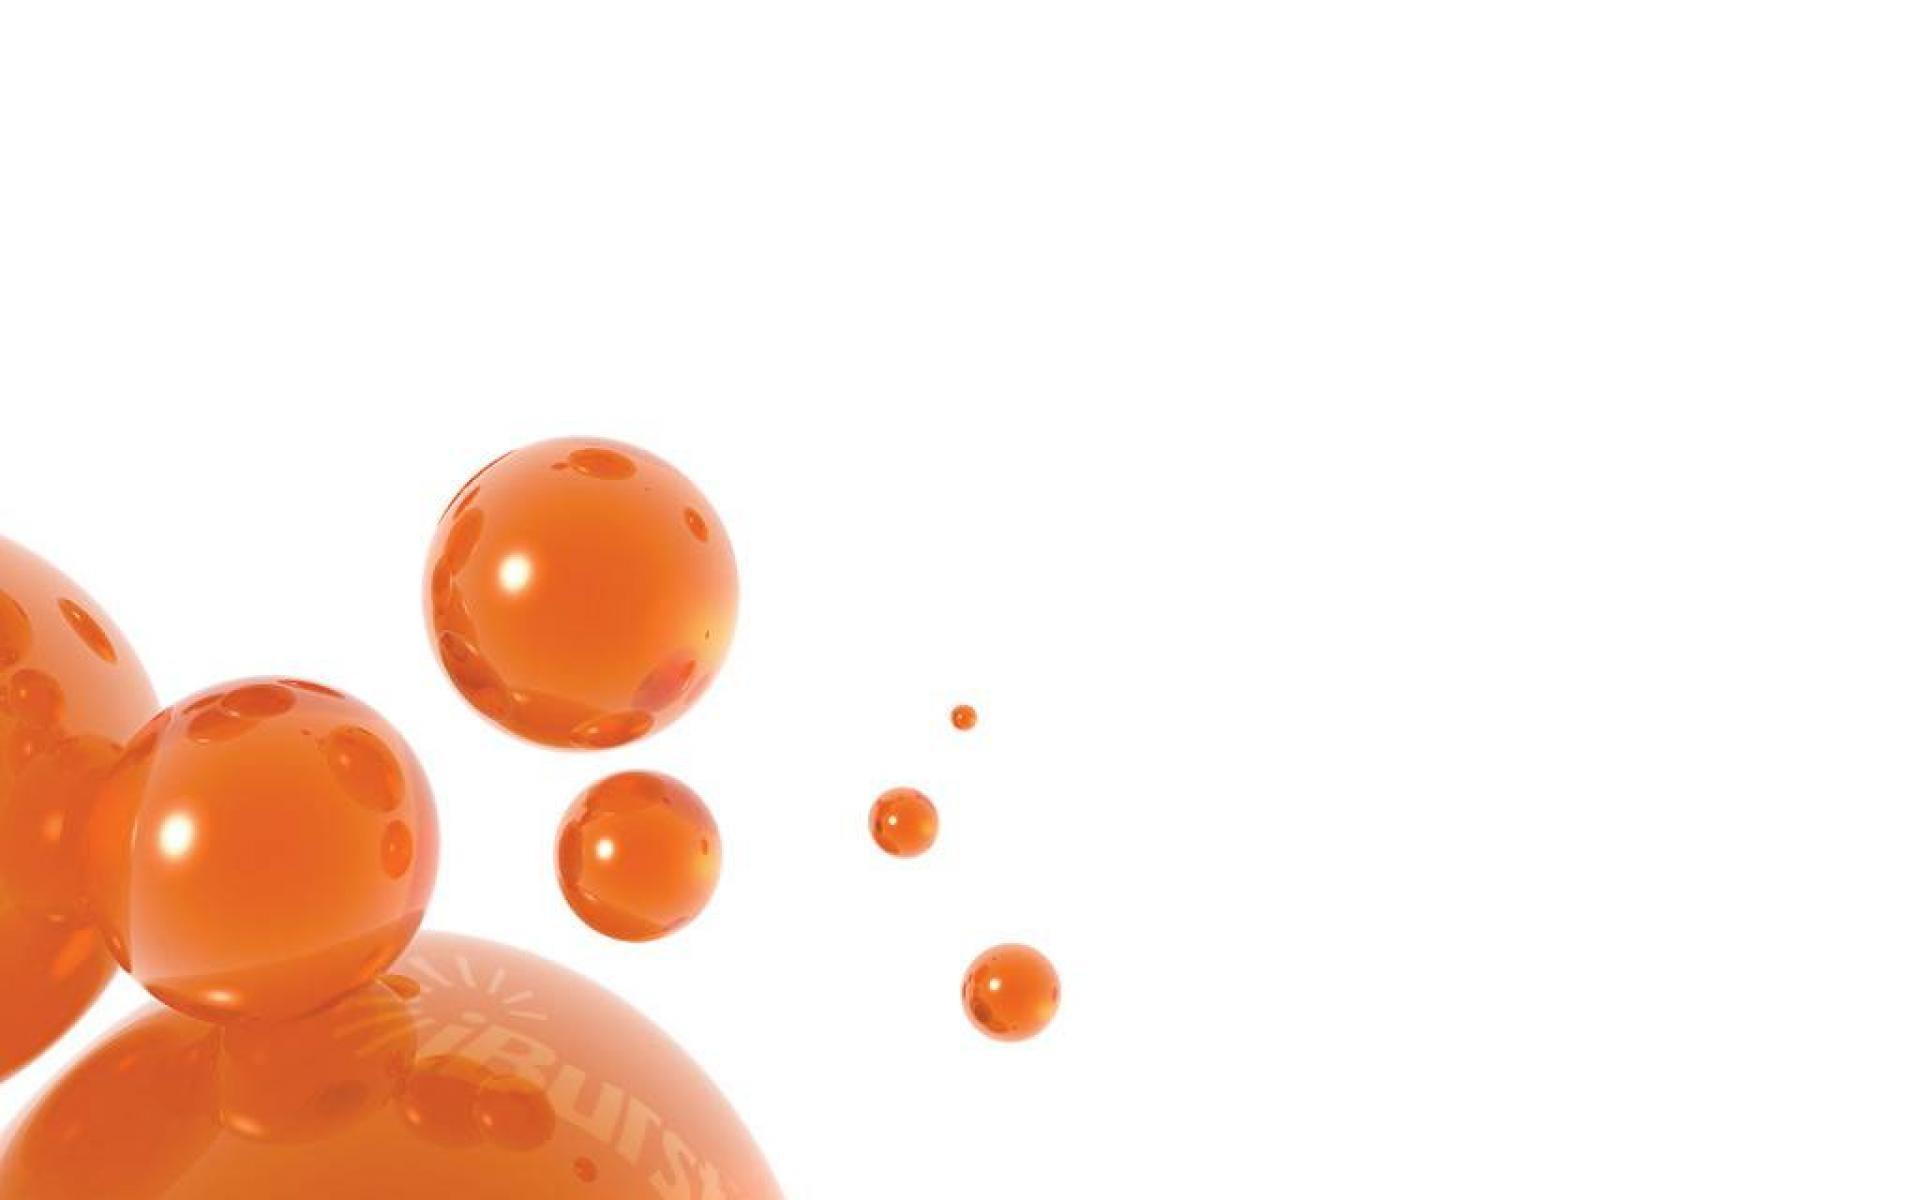 White And Orange Background Orange And White Background